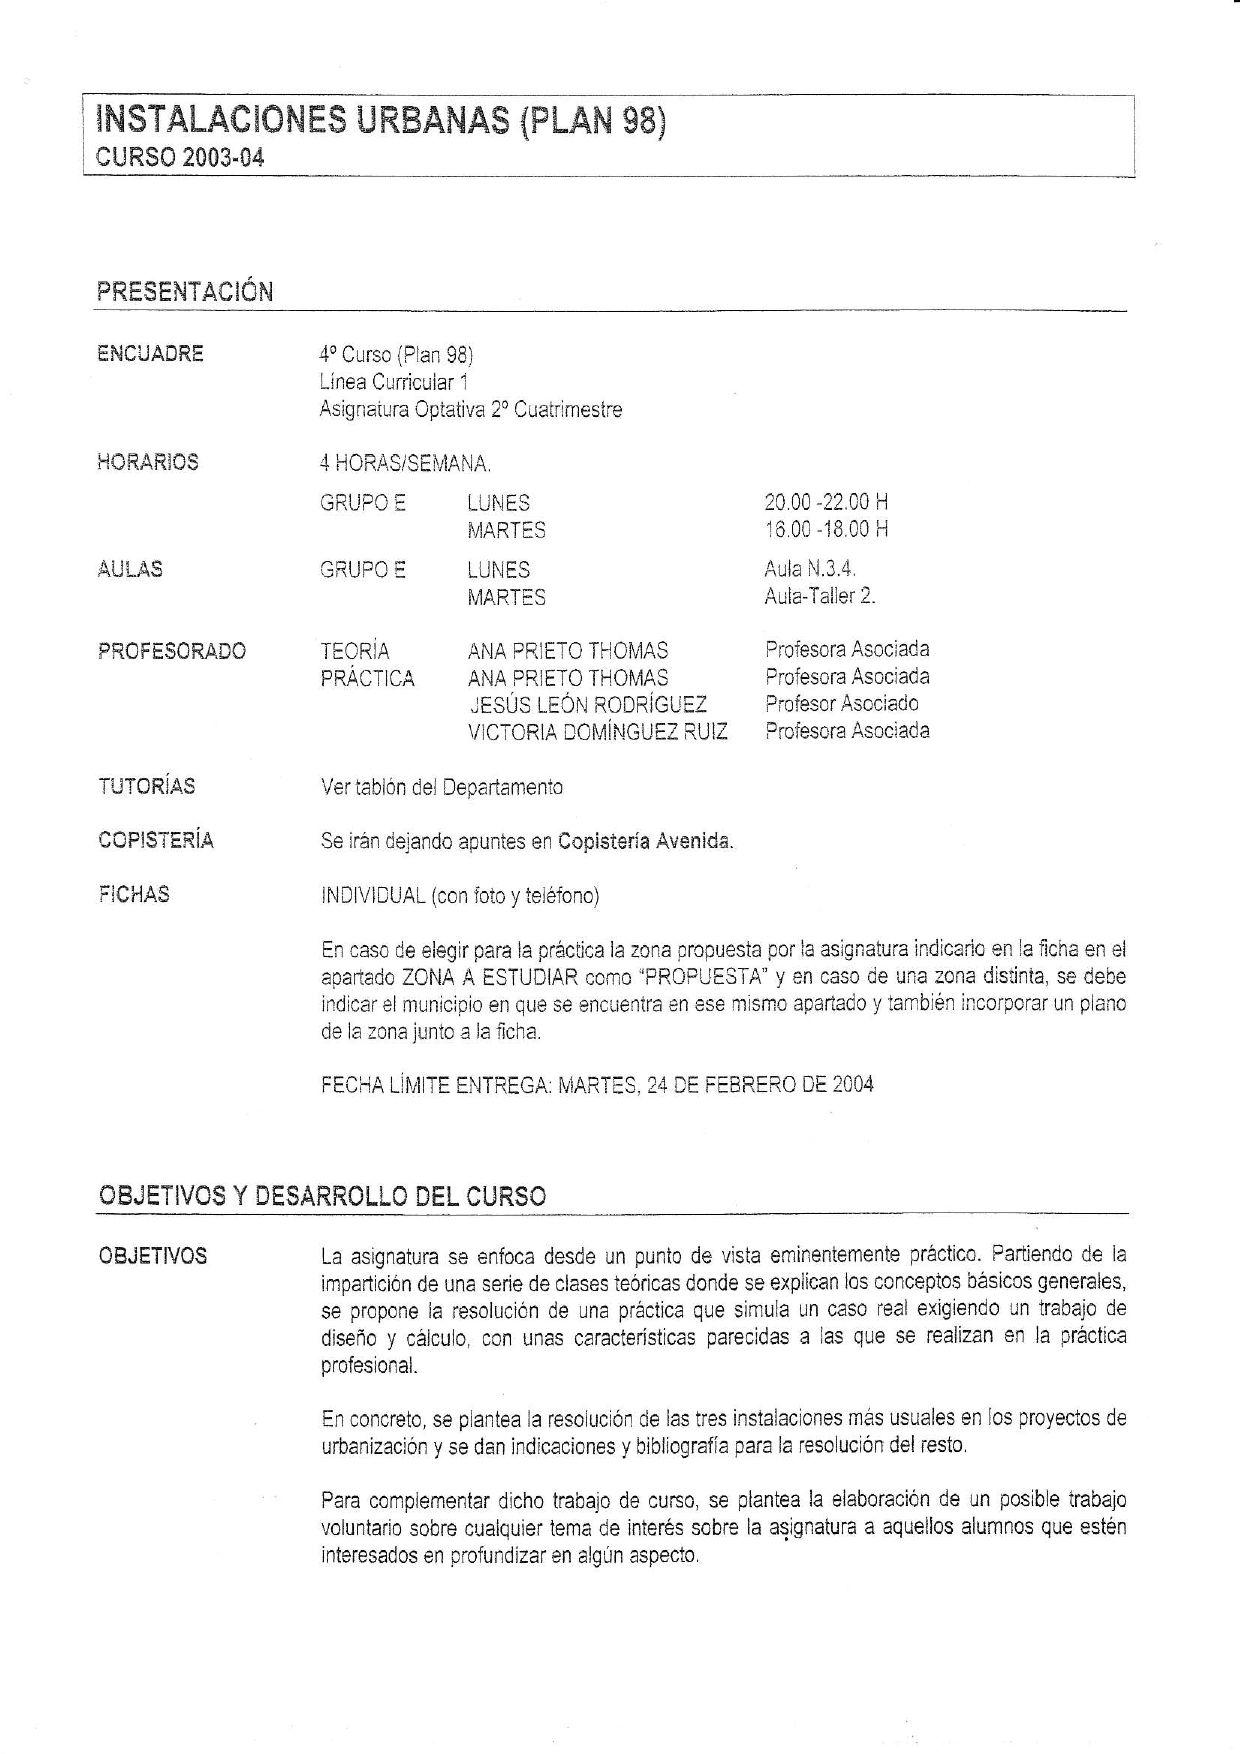 Instalaciones Urbanas - 1de2 by Andres TG - issuu